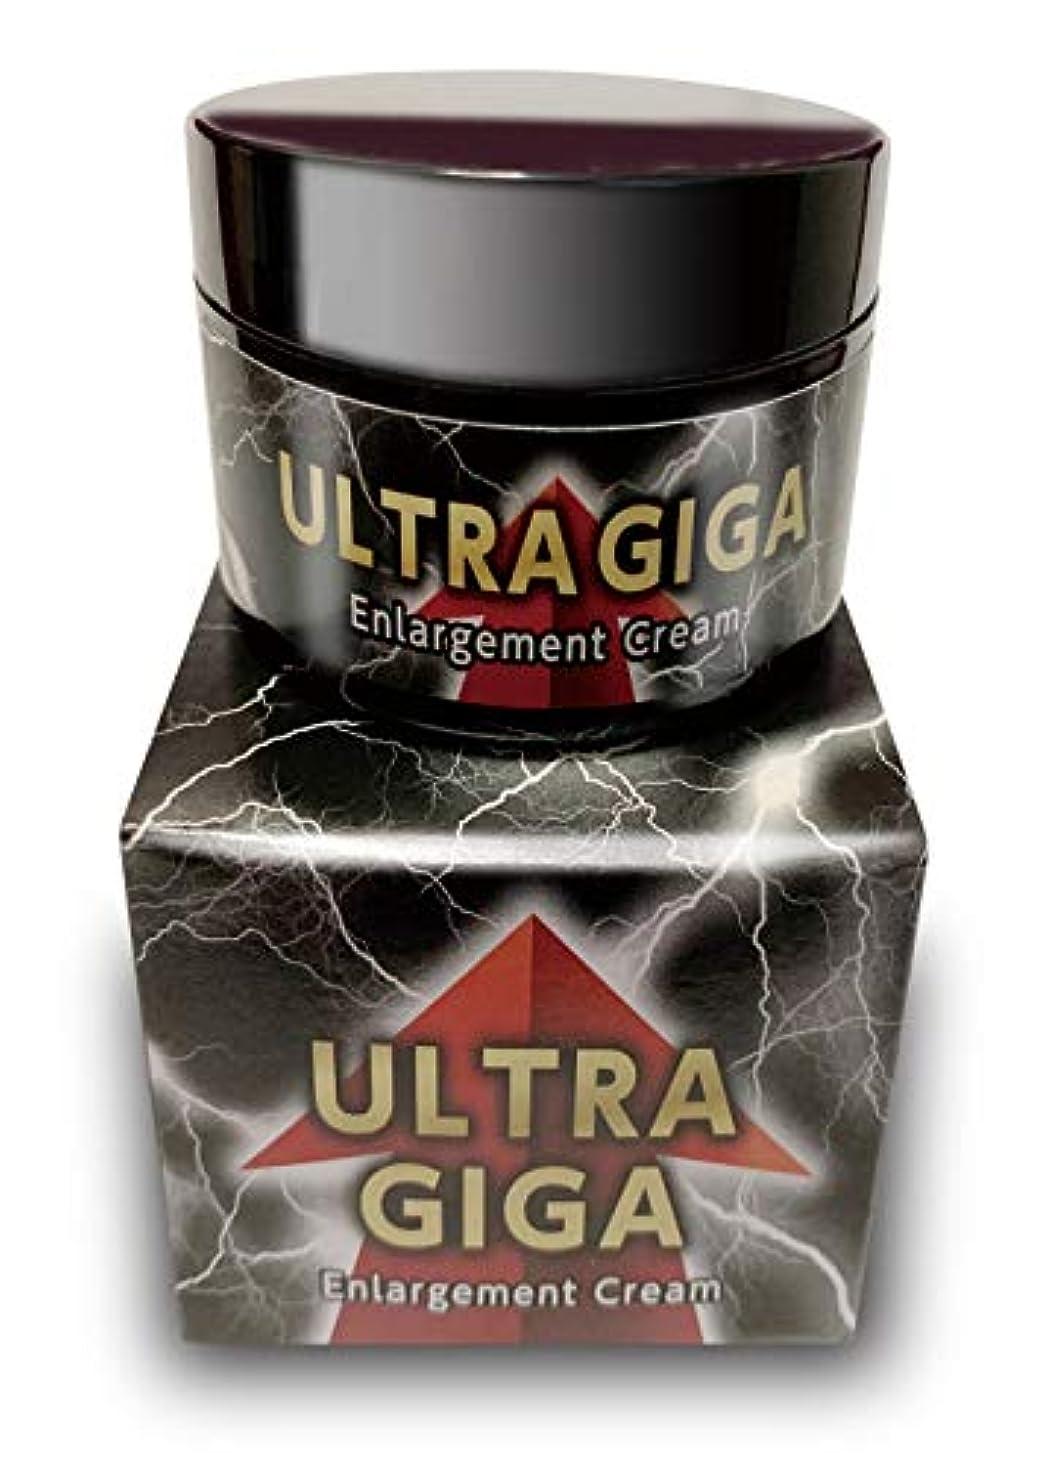 拡散する桁鋭くULTRA GIGA 男性用 自信増大 ホットジェル クリーム